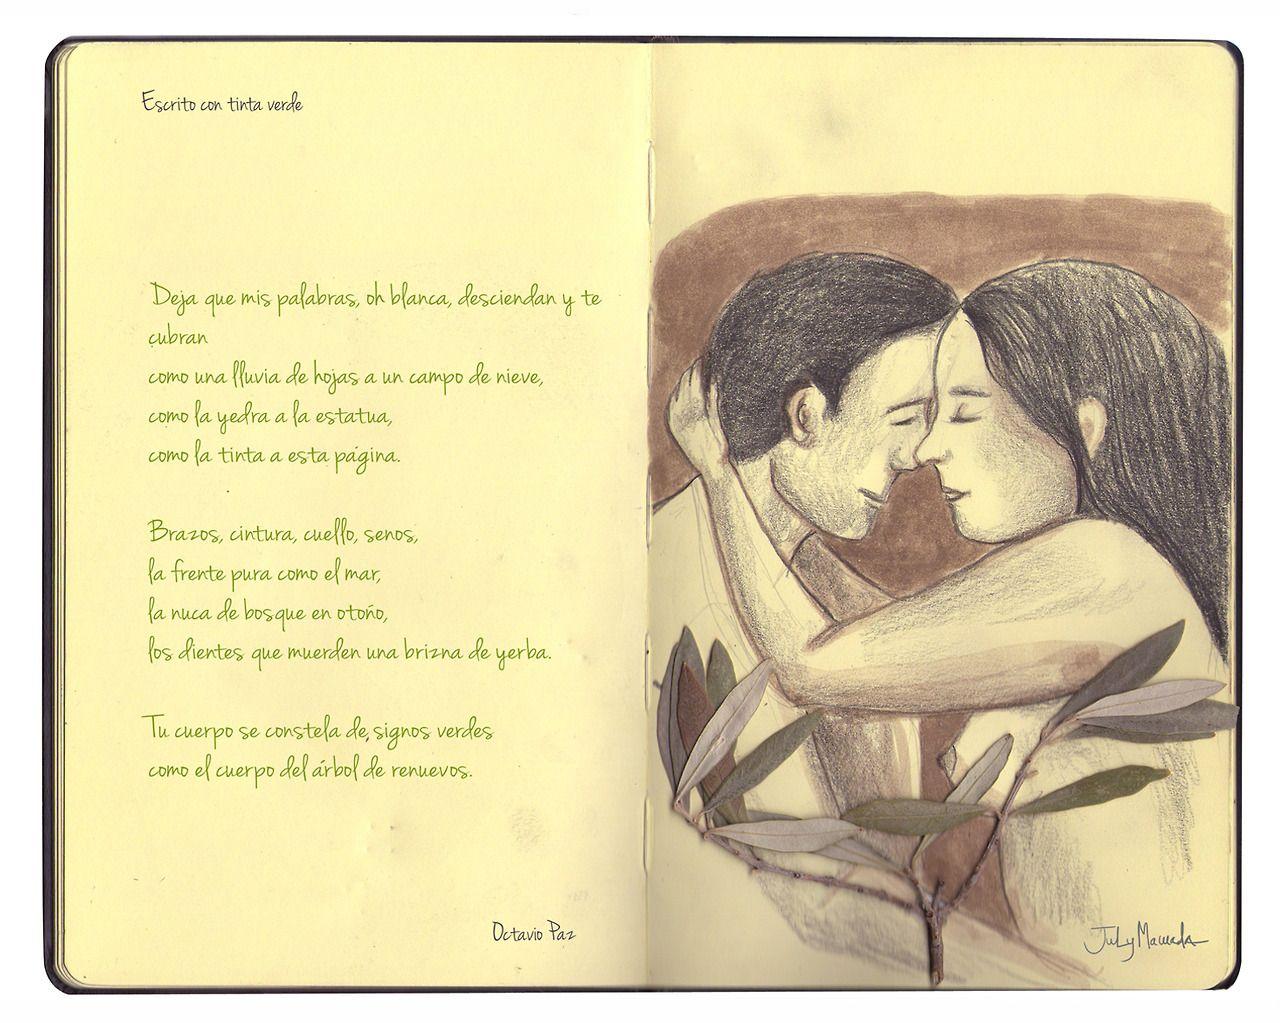 Escrito con tinta verde* O.Paz     La tinta verde crea jardines, selvas, prados,follajes donde cantan las letras,palabras que son árboles,...